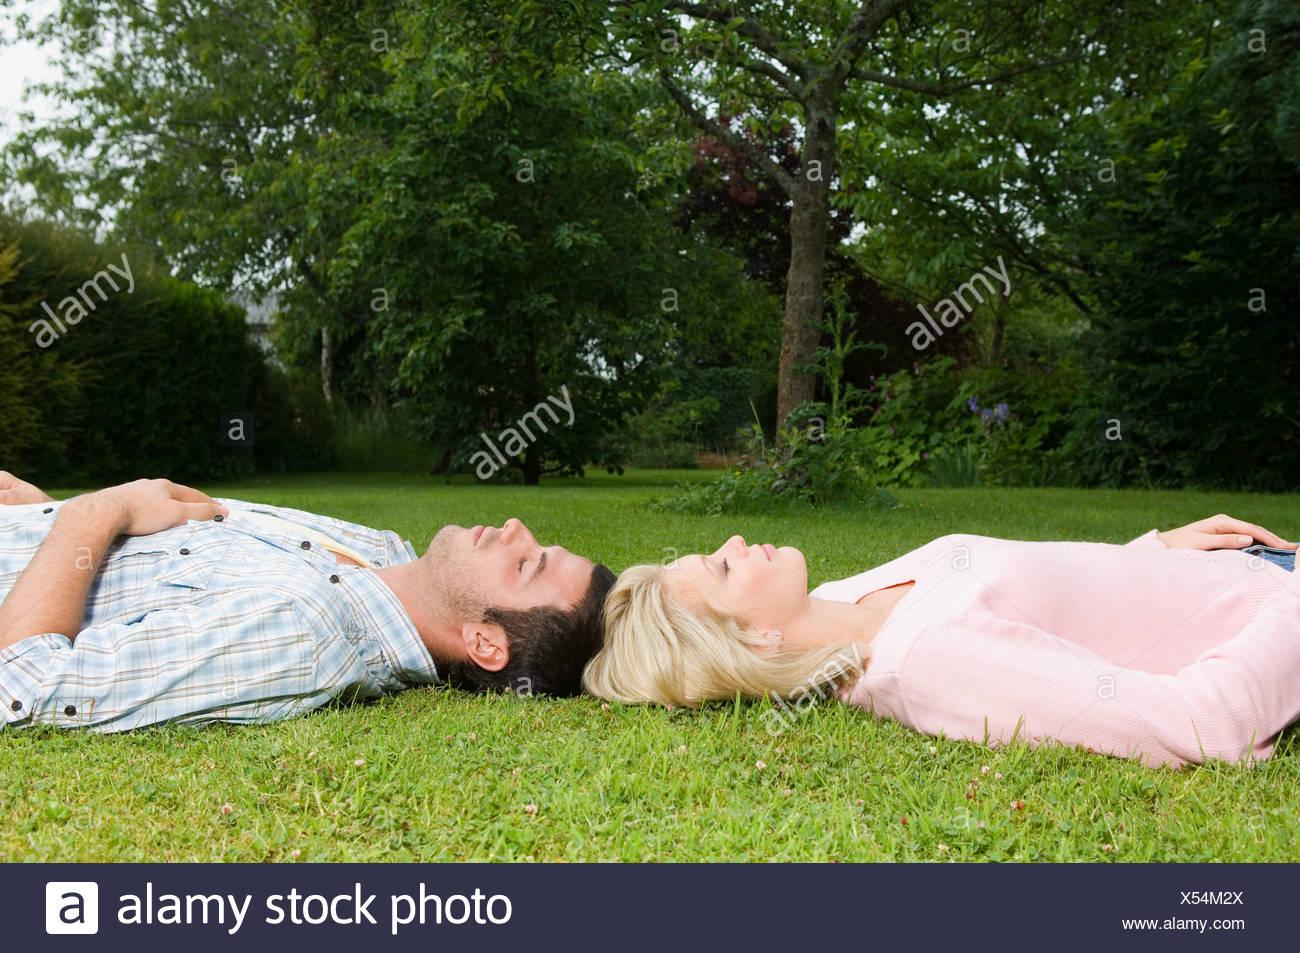 A couple sleeping - Stock Image